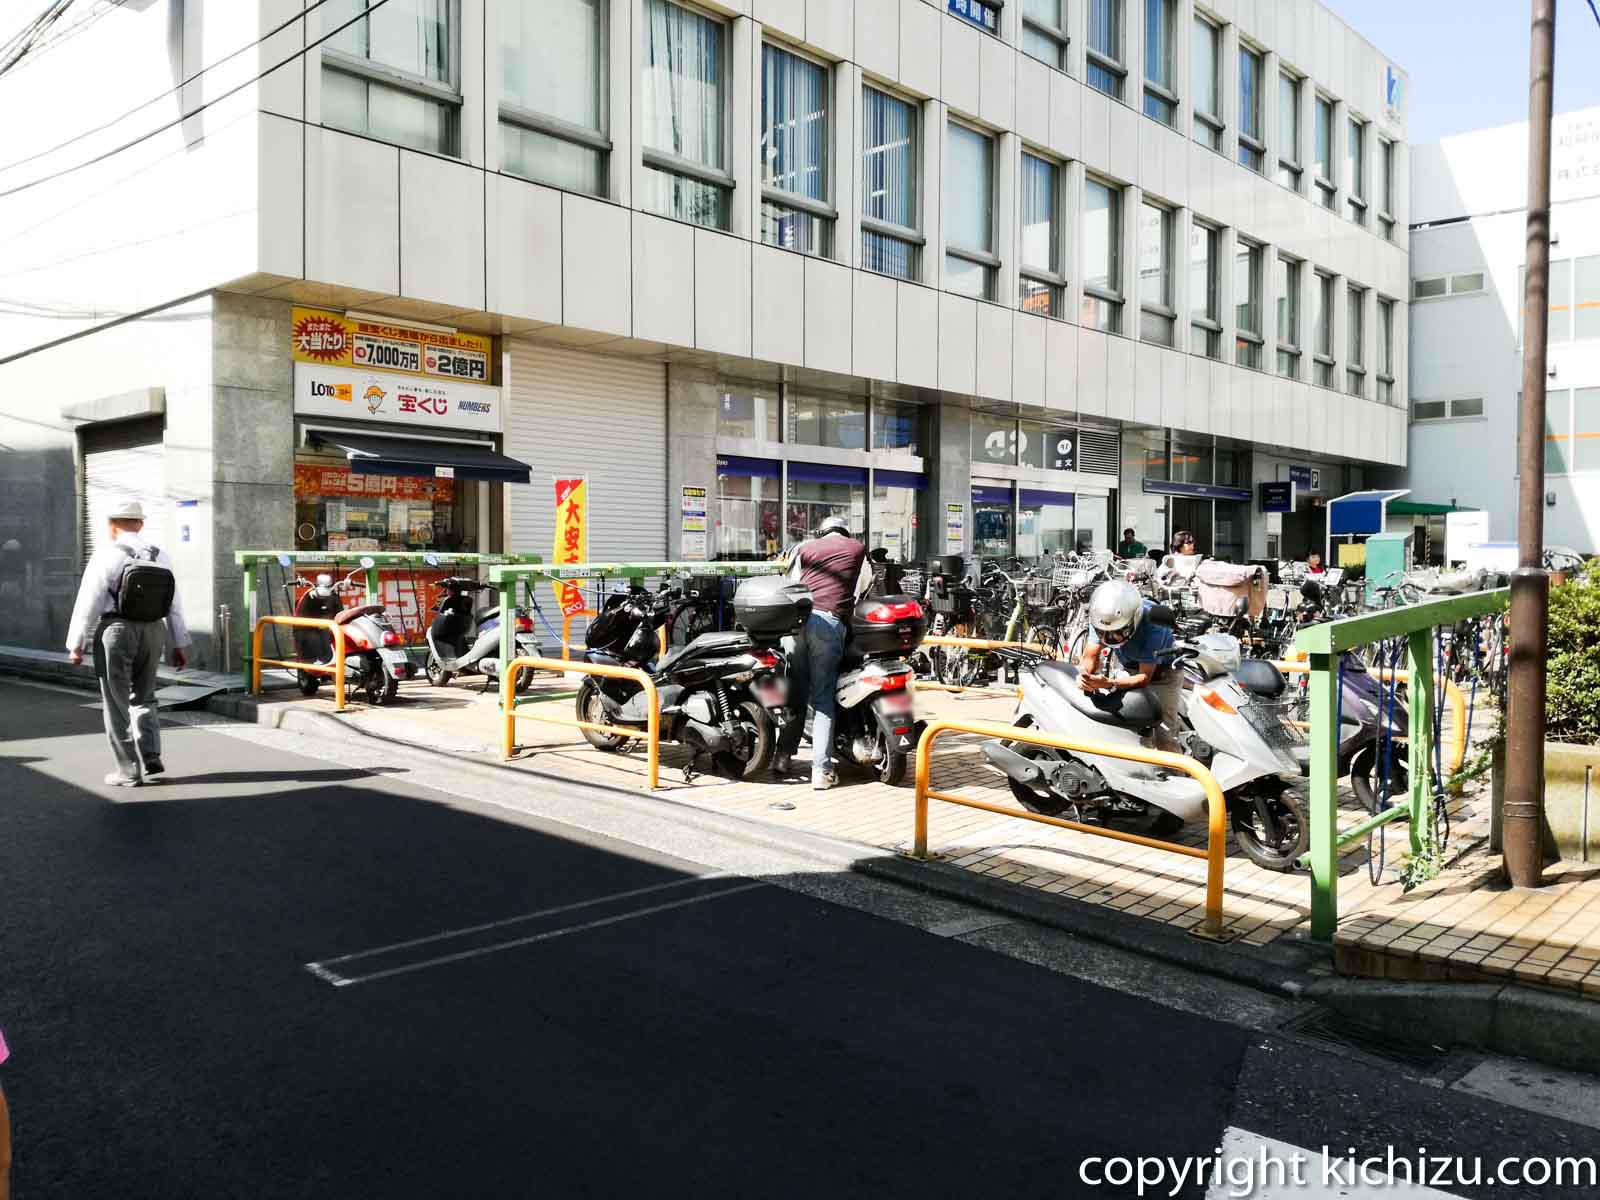 鶴見駅周辺のバイク駐車場